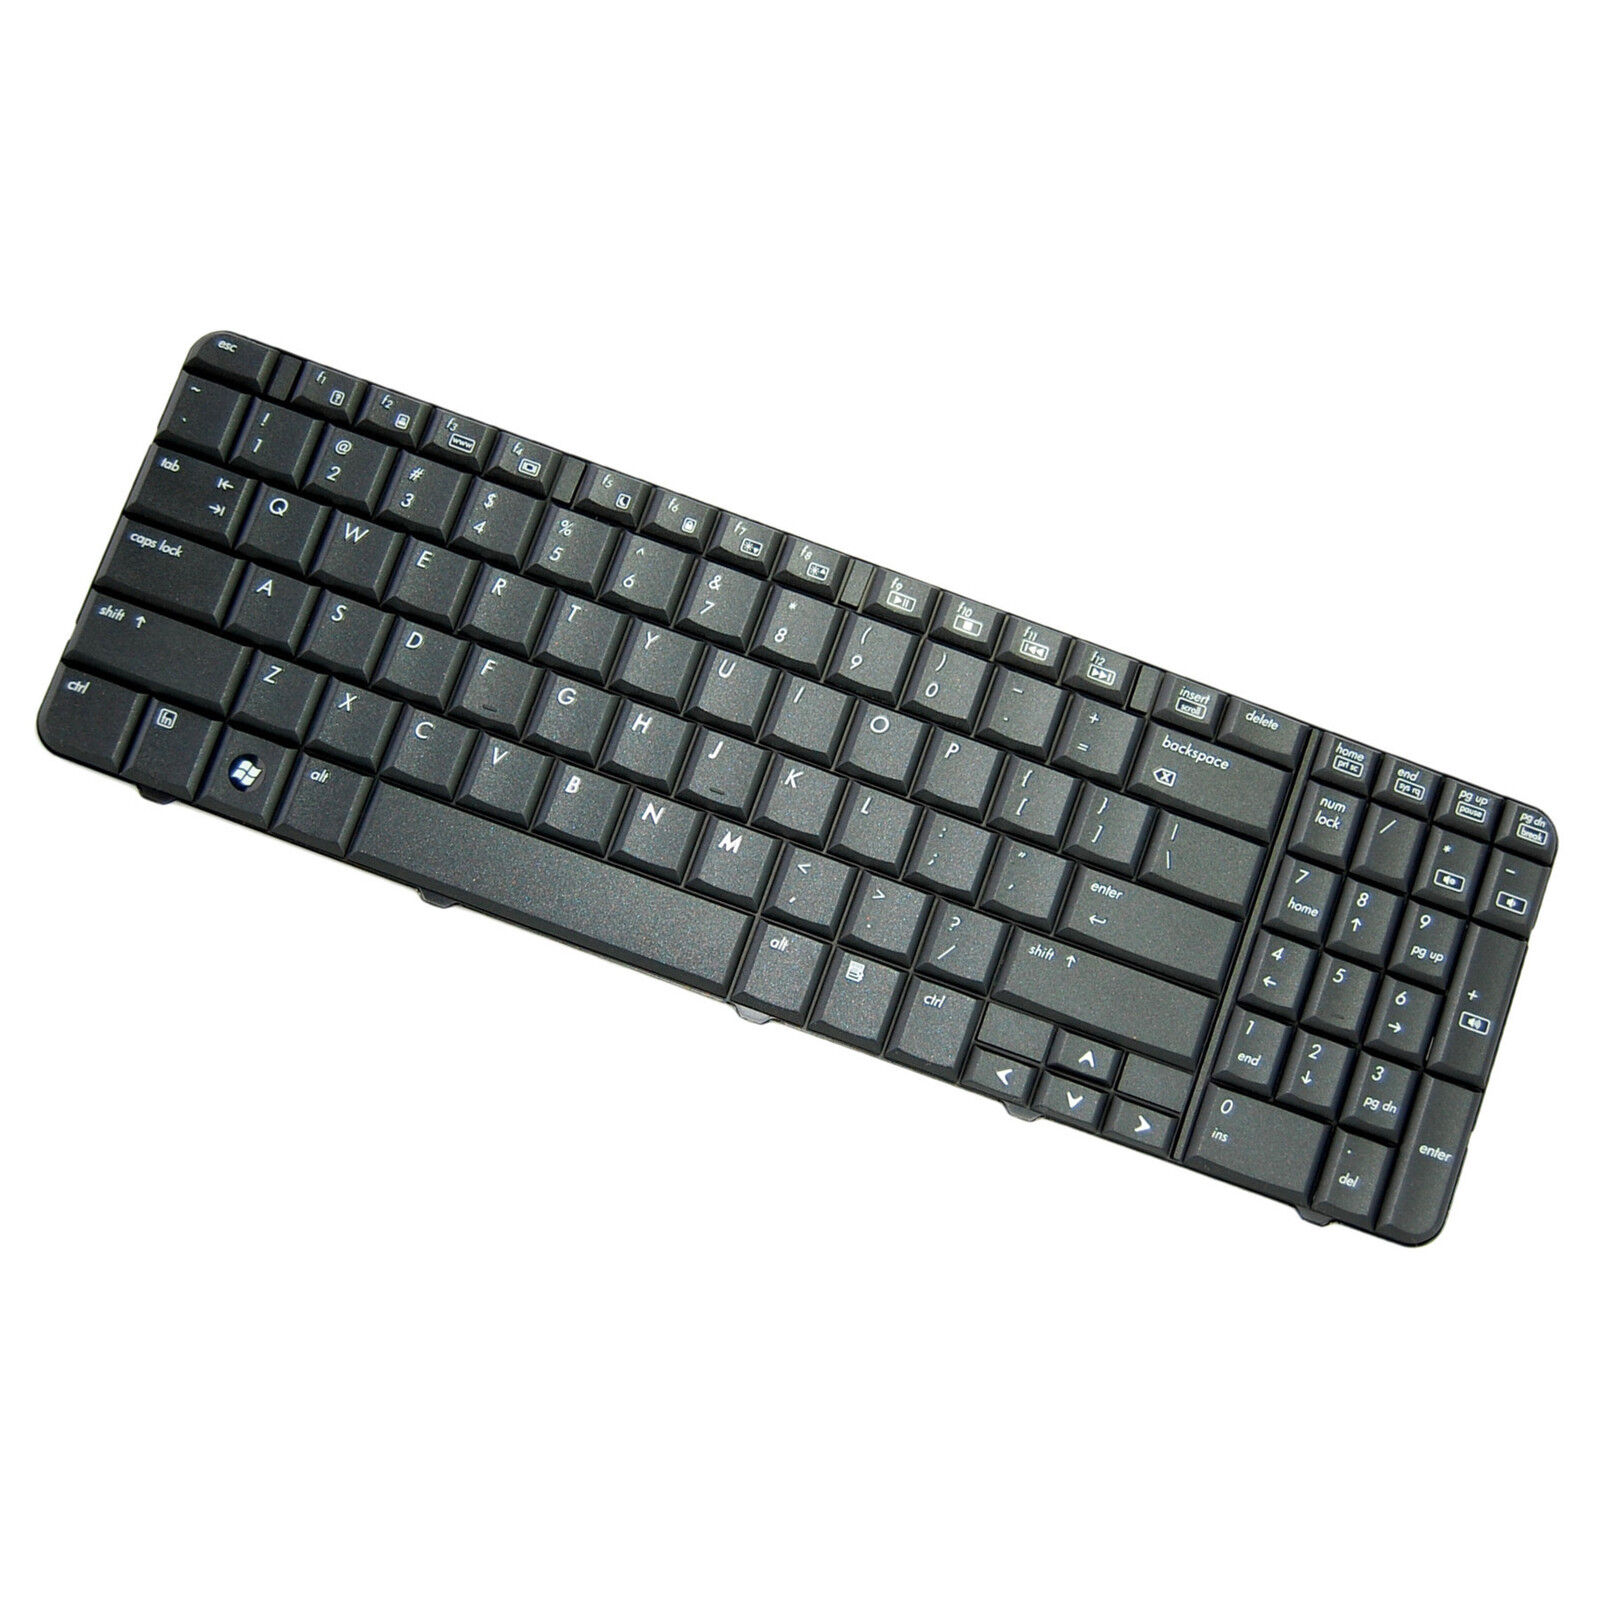 HQRP Teclado para HP G60-219 / G60-230 / G60-230US / G60-233 / G60-234 ordenador